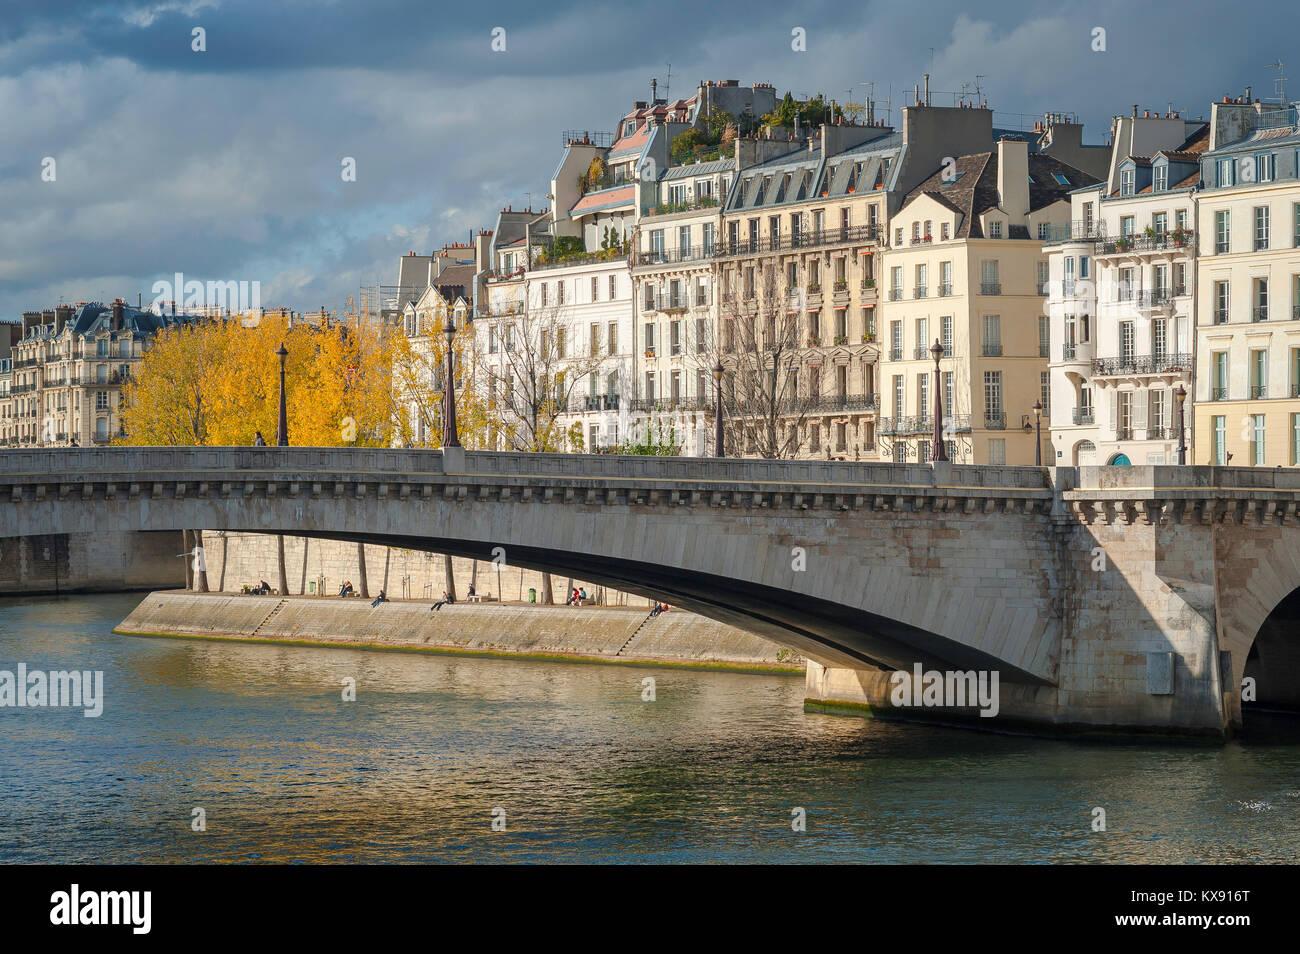 París, típico de la arquitectura del siglo XIX, edificios de apartamentos frente al río Sena en la Île St-Louis en París, Francia. Foto de stock